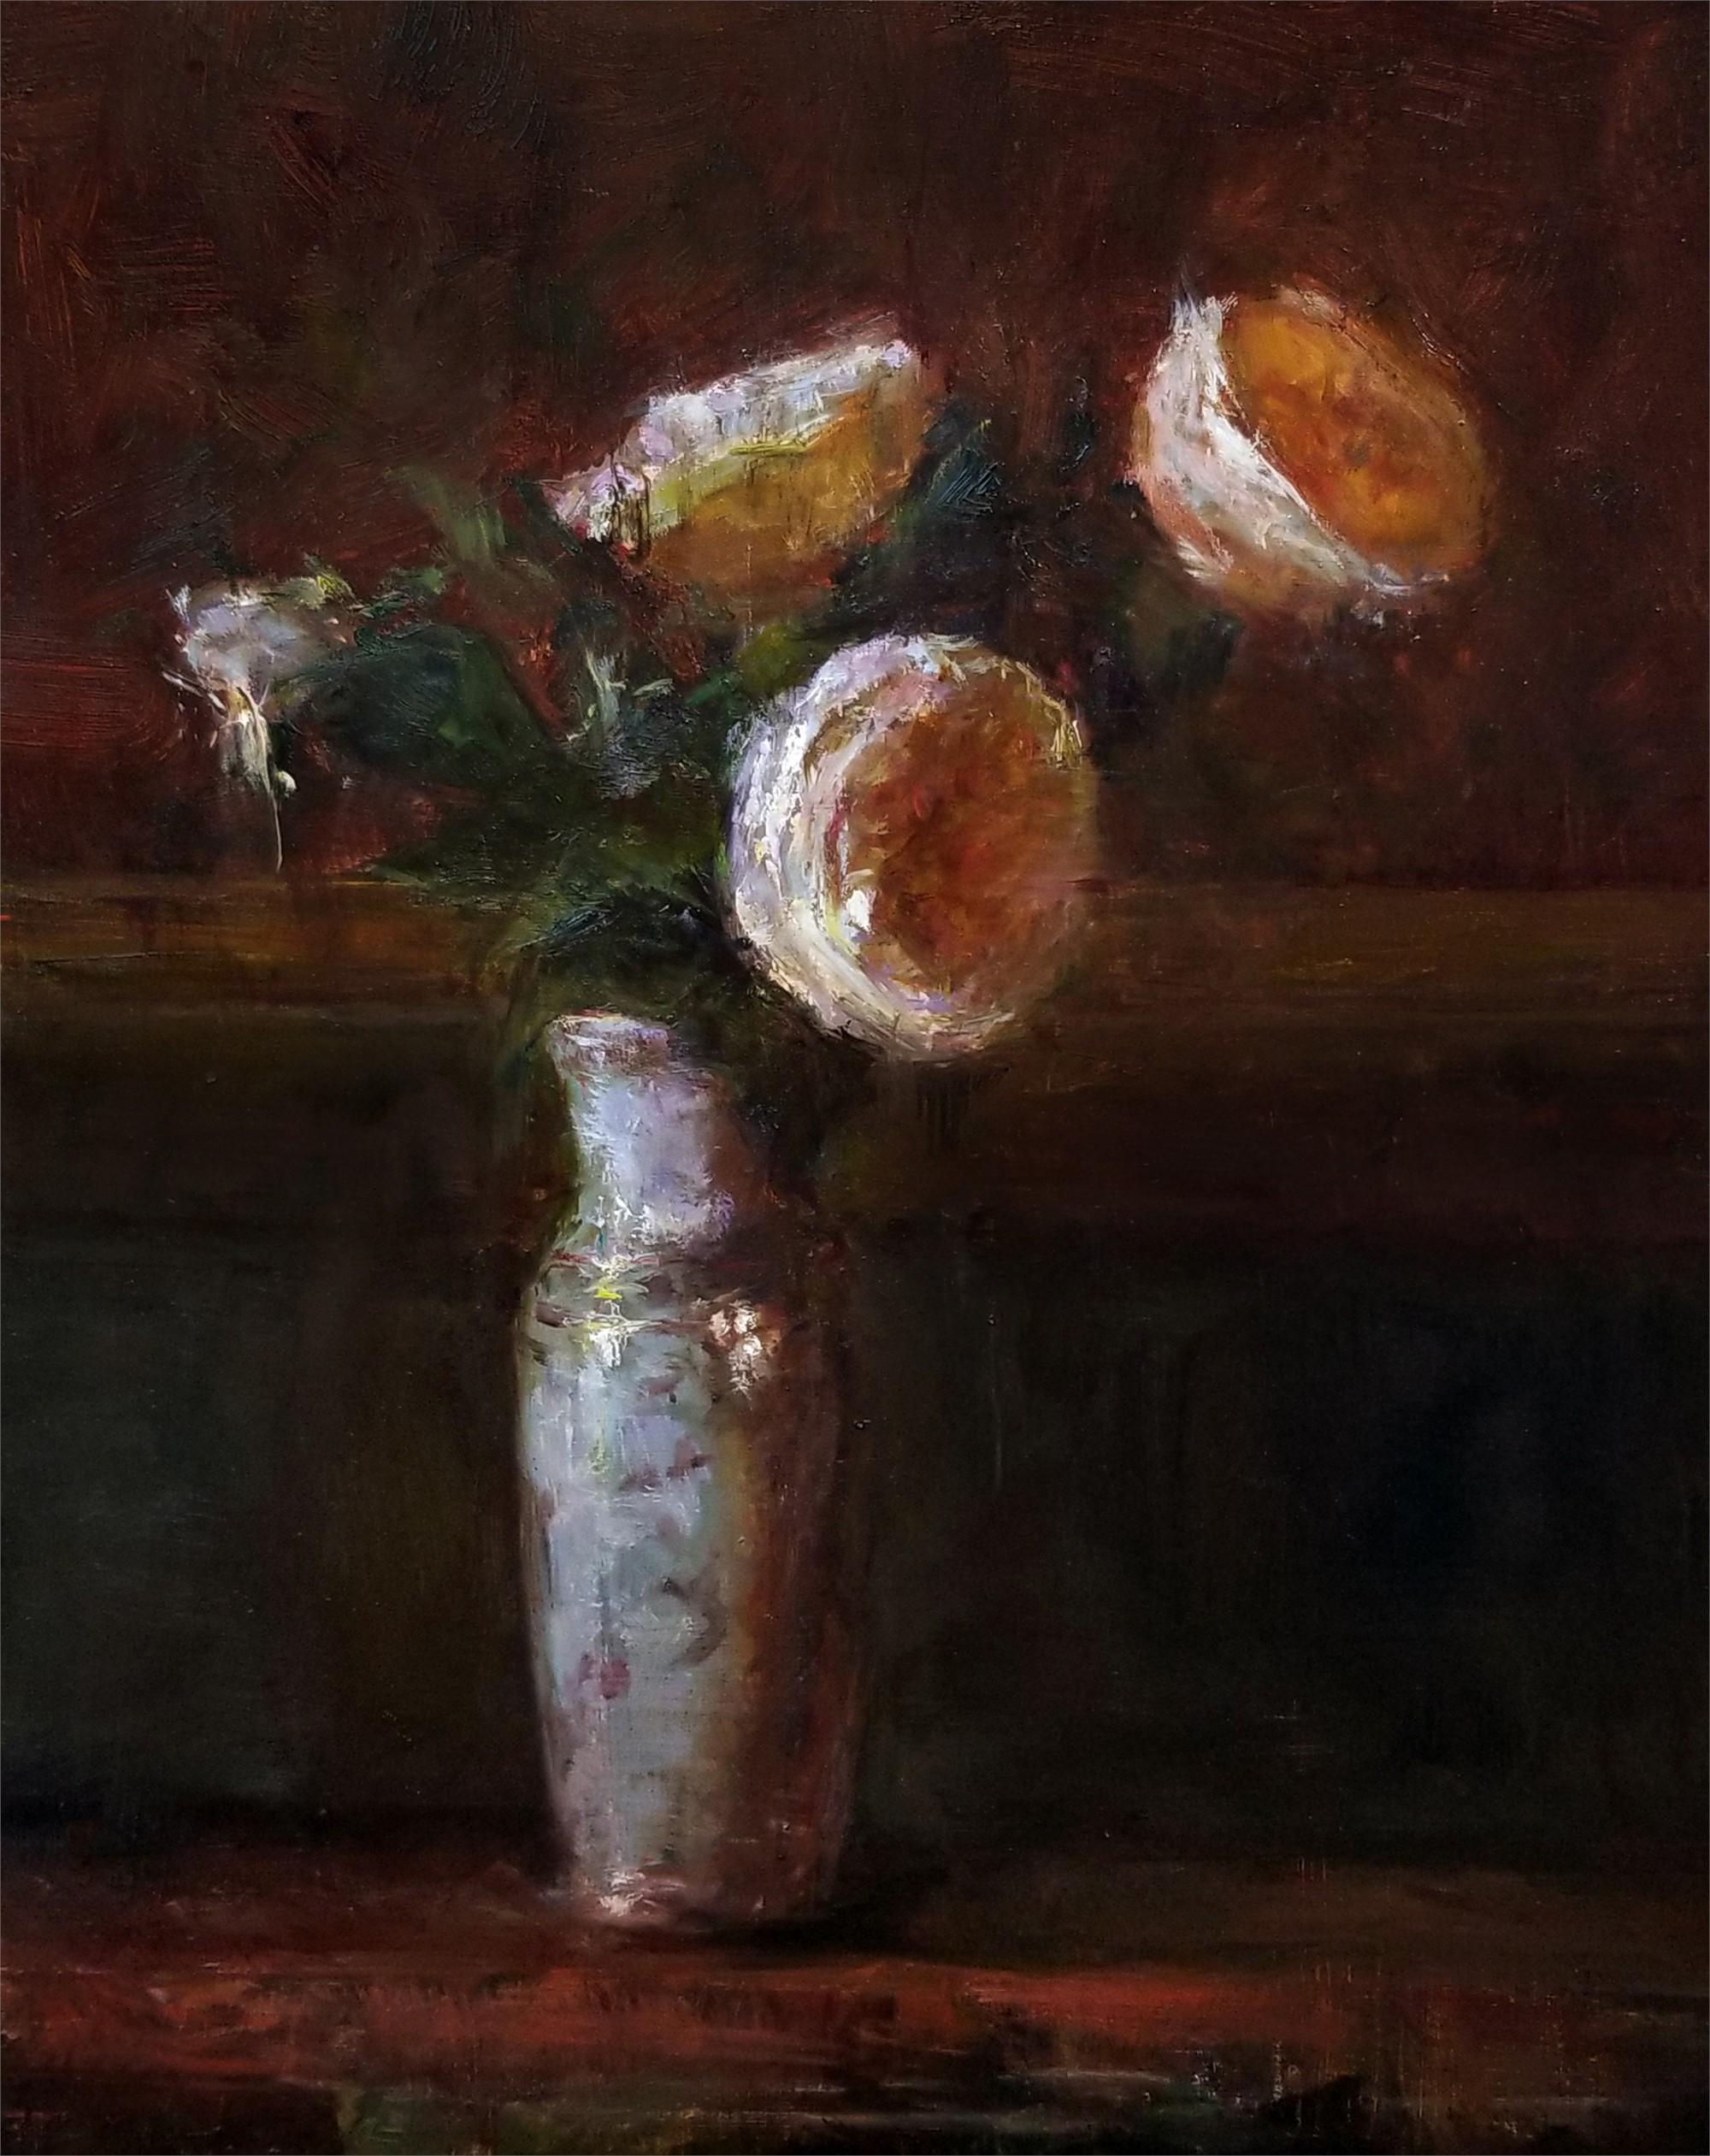 Rose Medallion by Ann Moeller Steverson